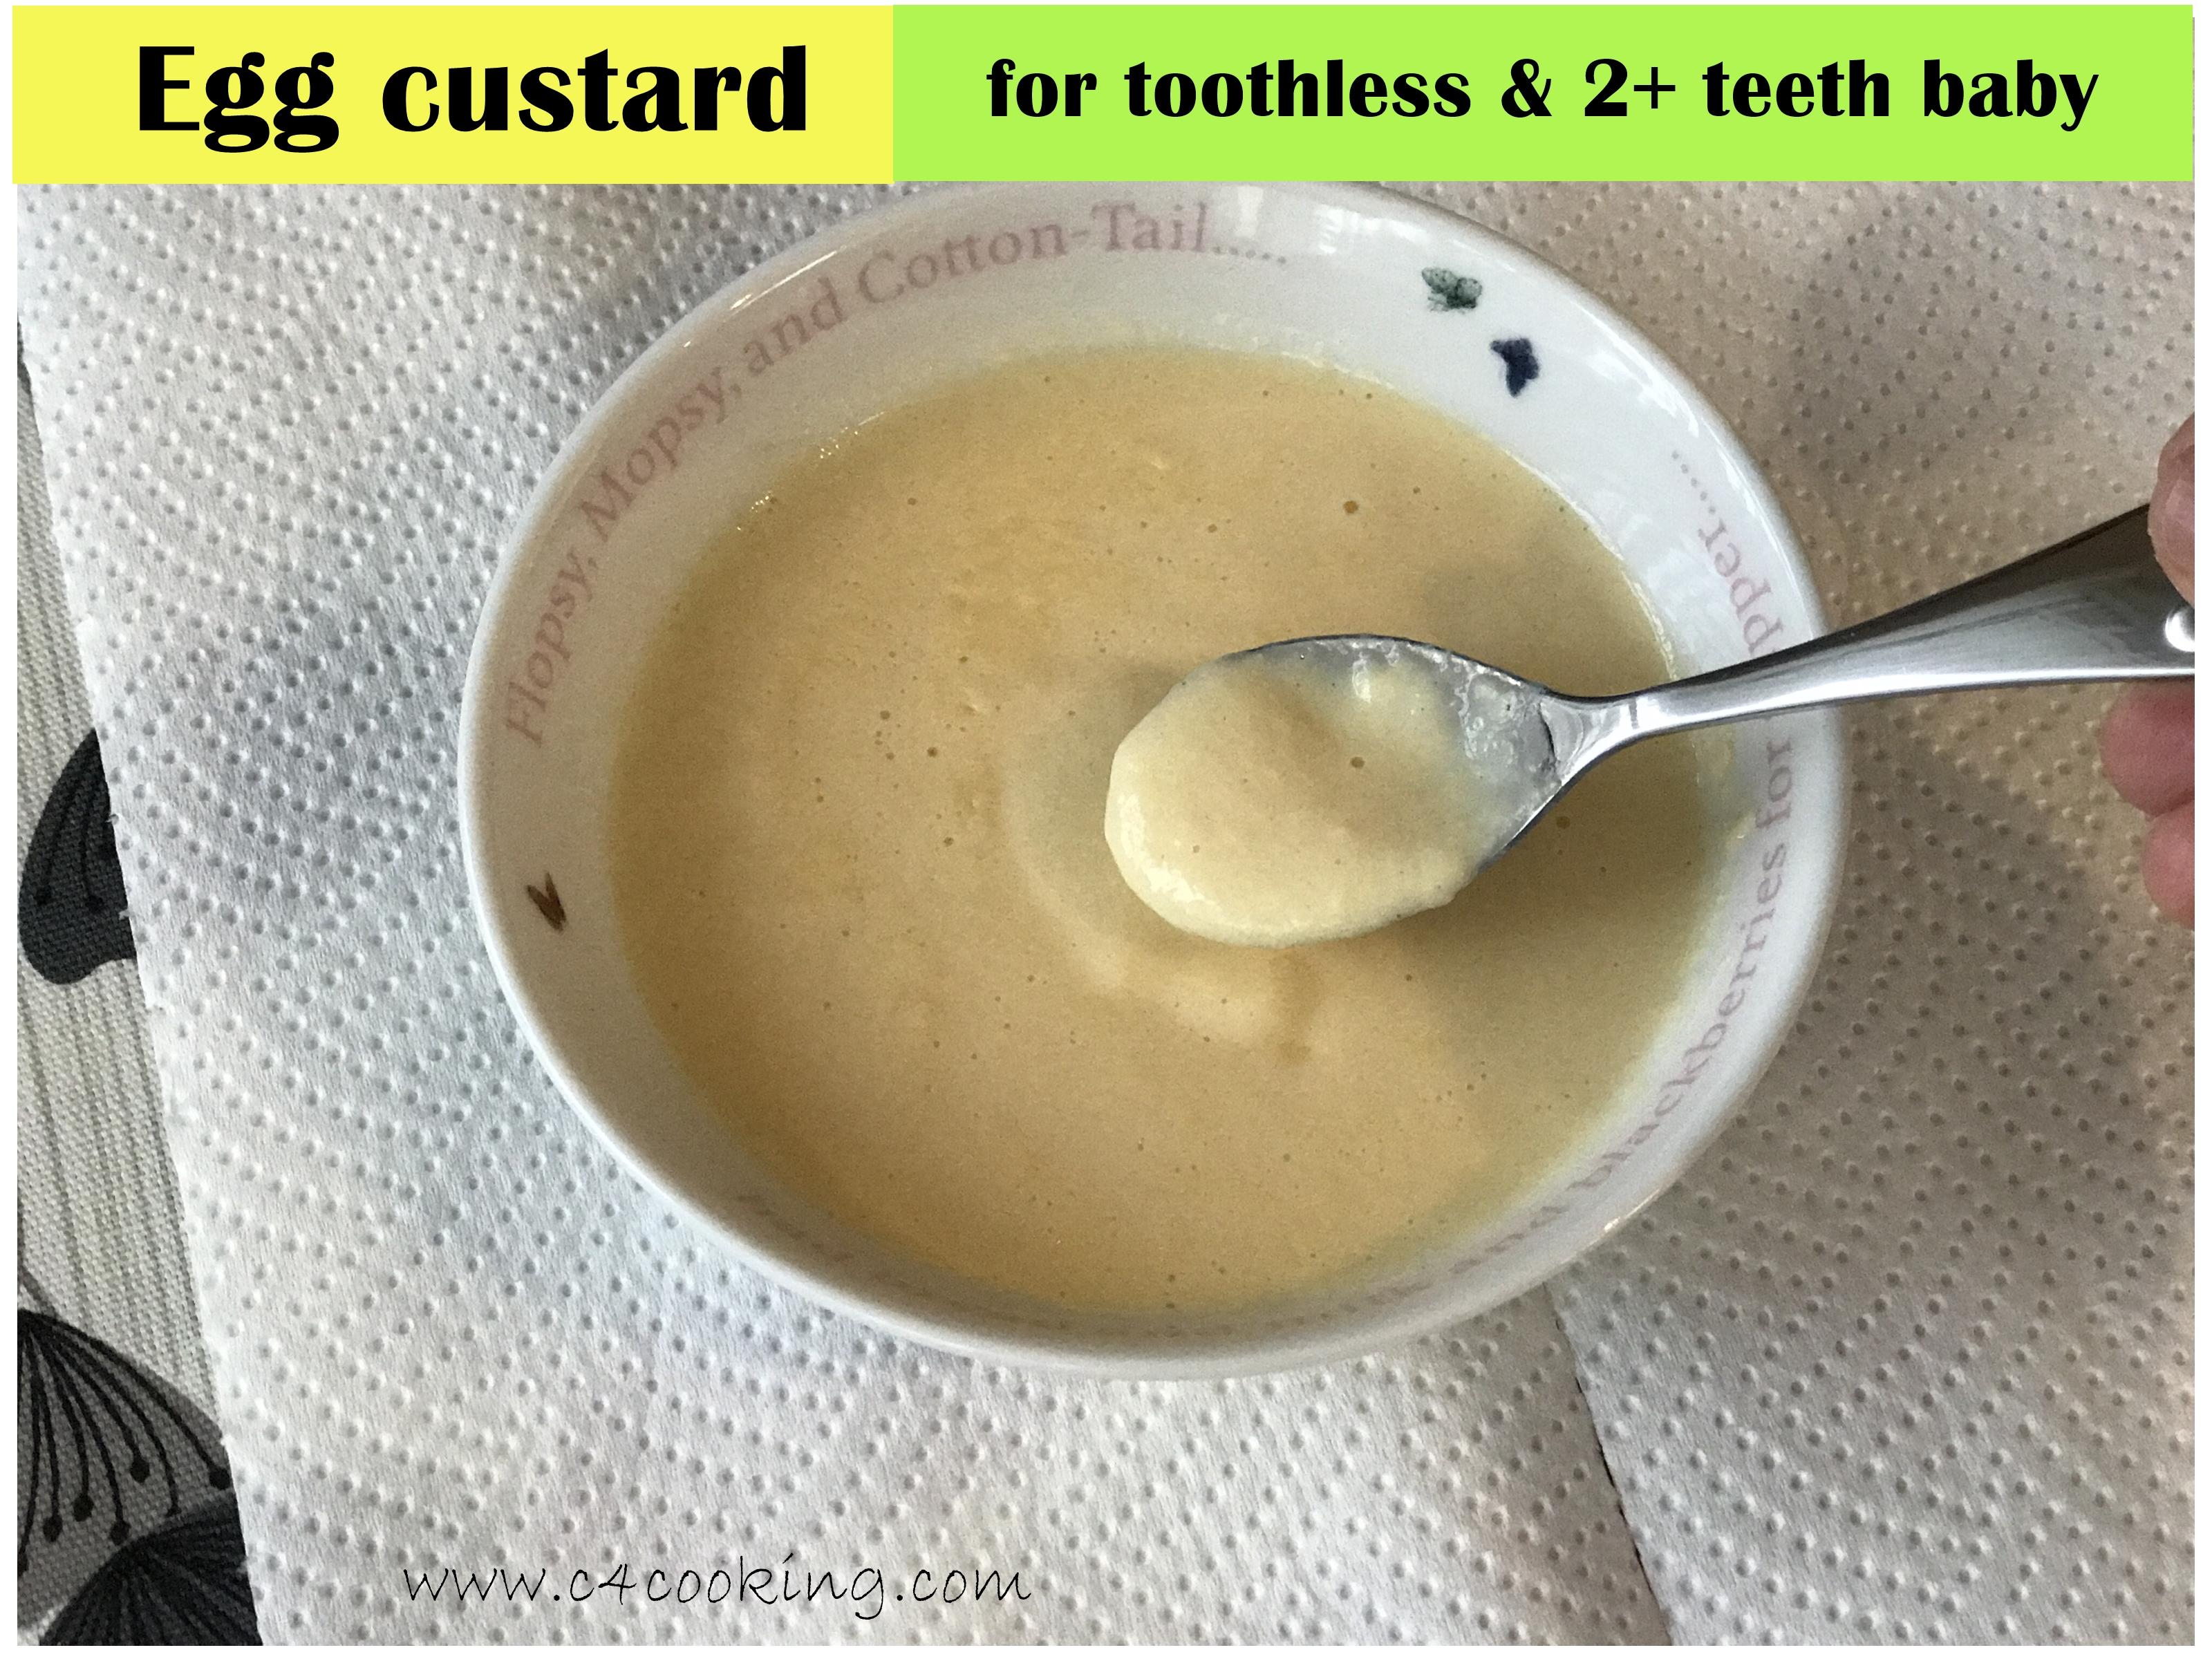 egg custard recipe, how to offer egg for baby, egg recipes for toddler, 12months baby egg recipe